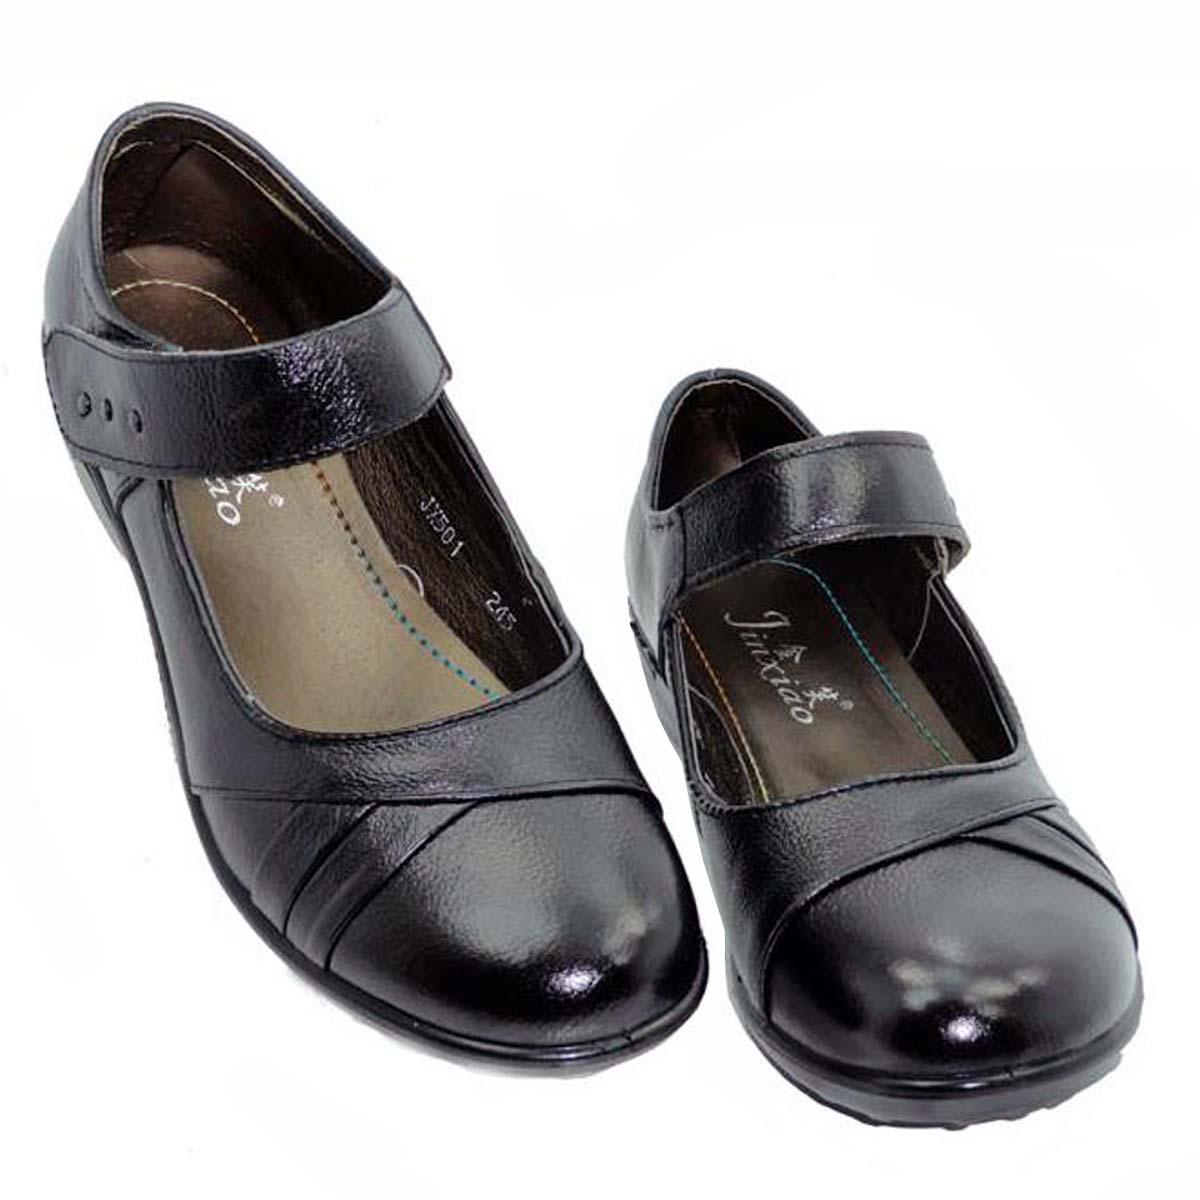 Sapatos femininos de couro genuíno sapatos único boca rasa plana idosos sapatos de couro mãe calcanhar plana sola macia(China (Mainland))